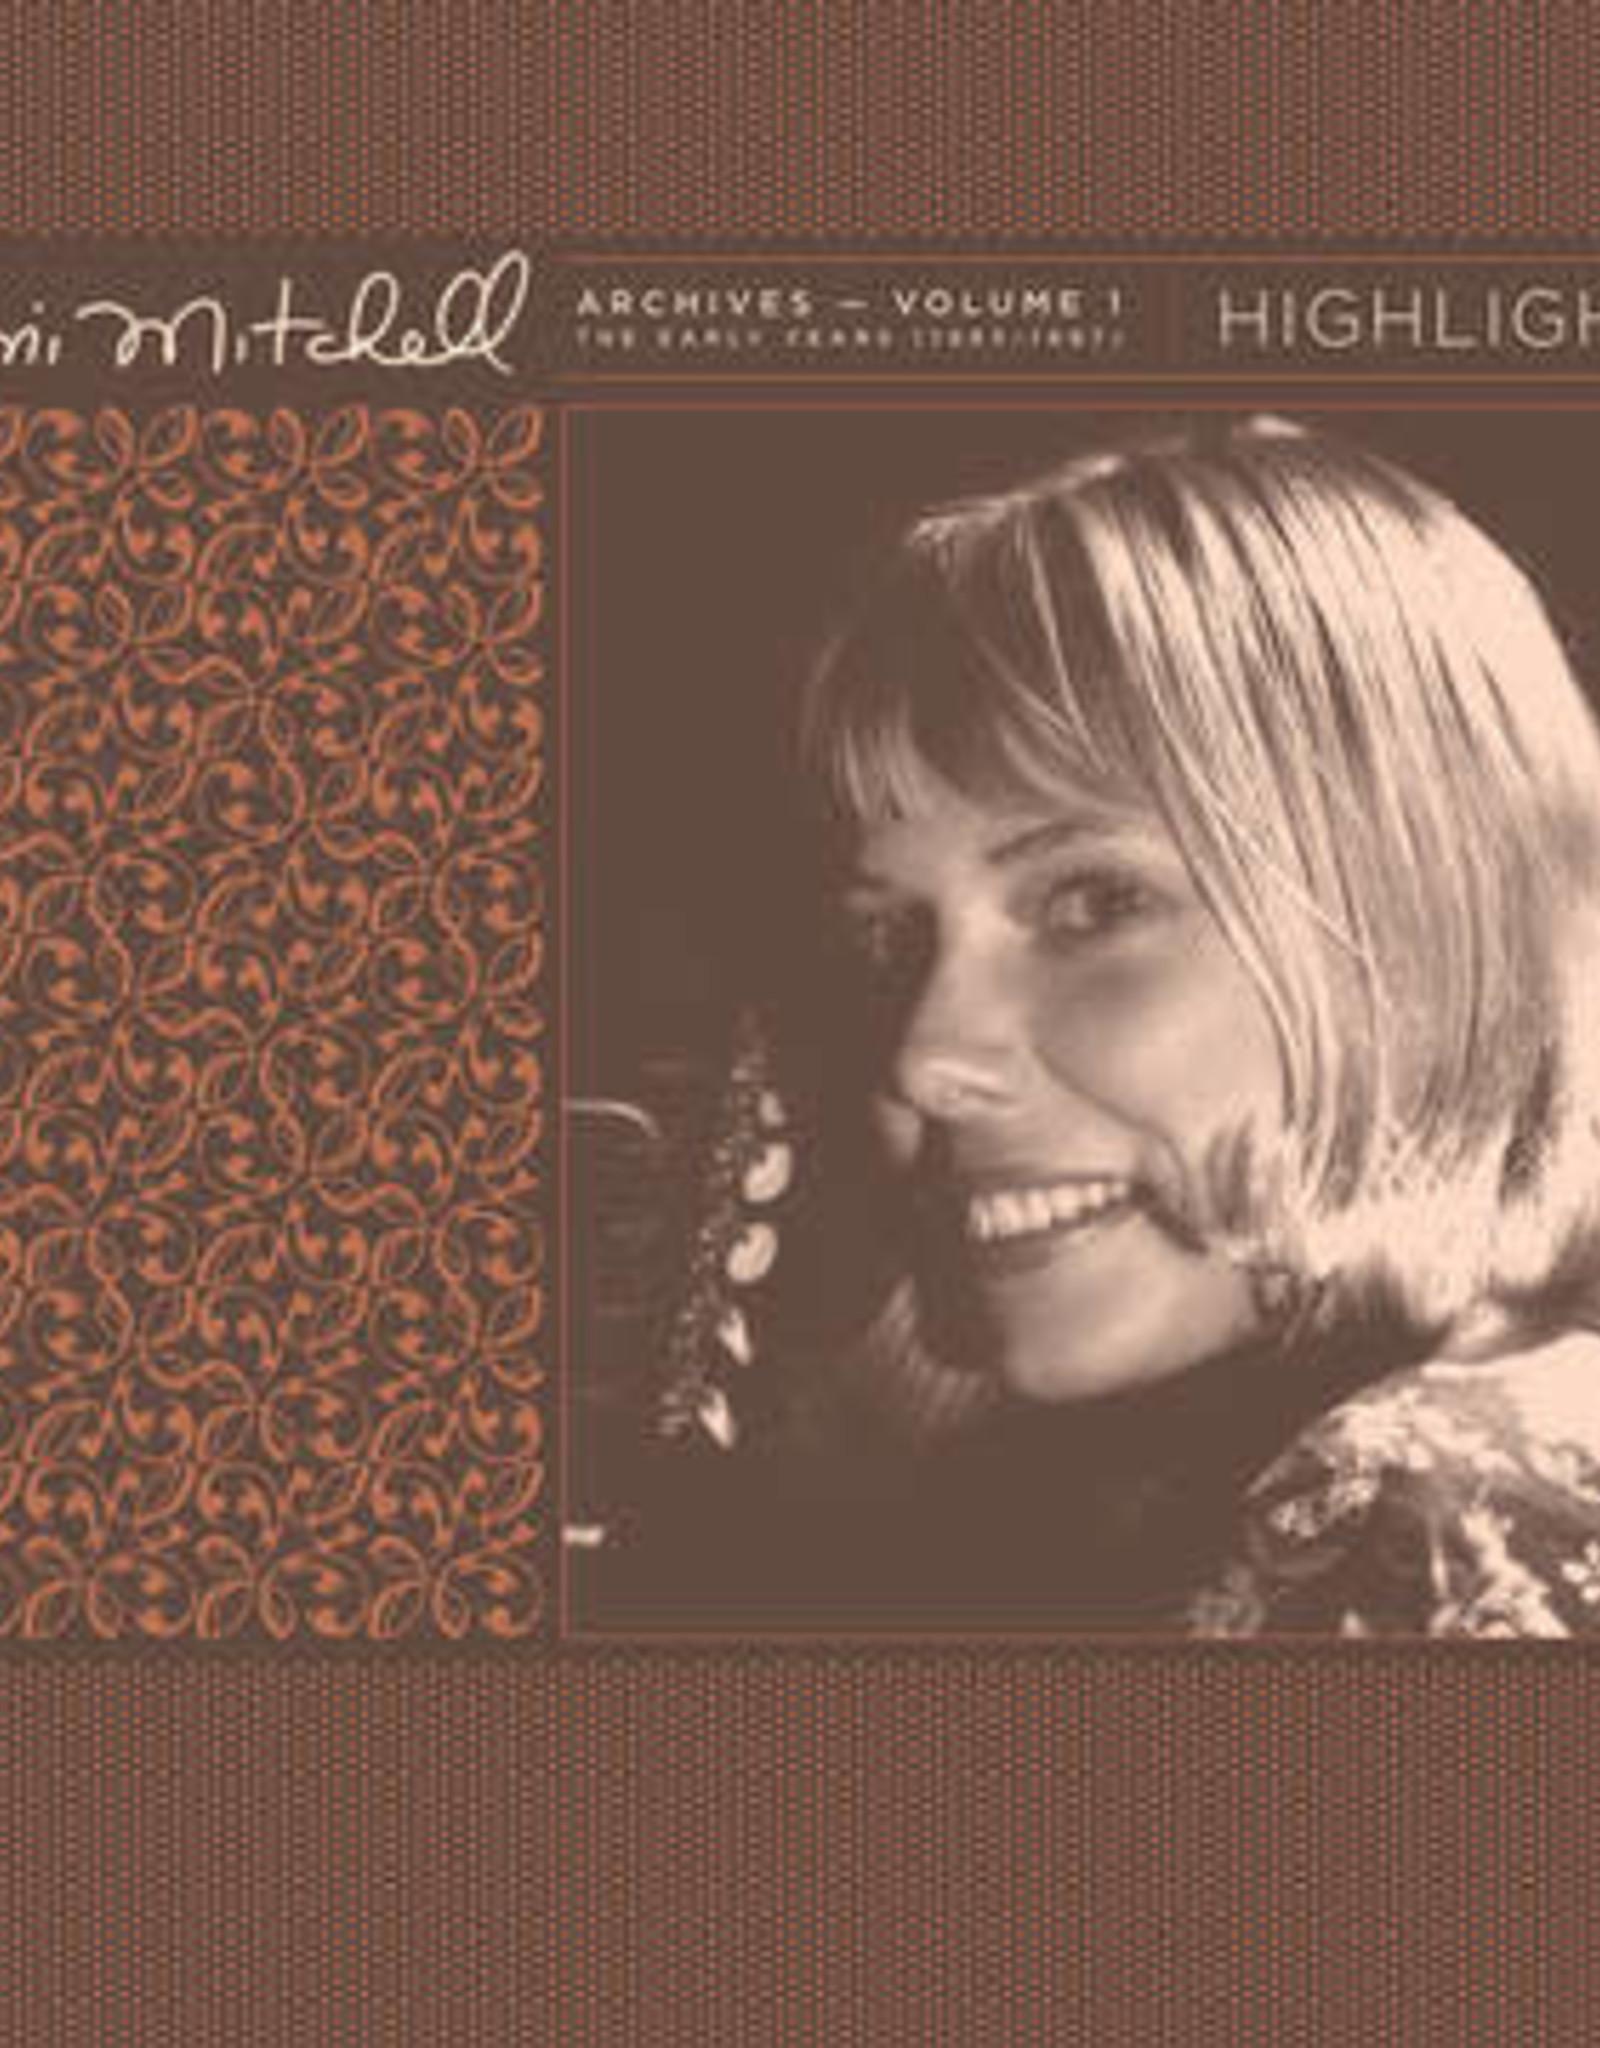 Joni Mitchell - Joni Mitchell Archives, Vol. 1 (1963-1967): Highlights (RSD 6/21)